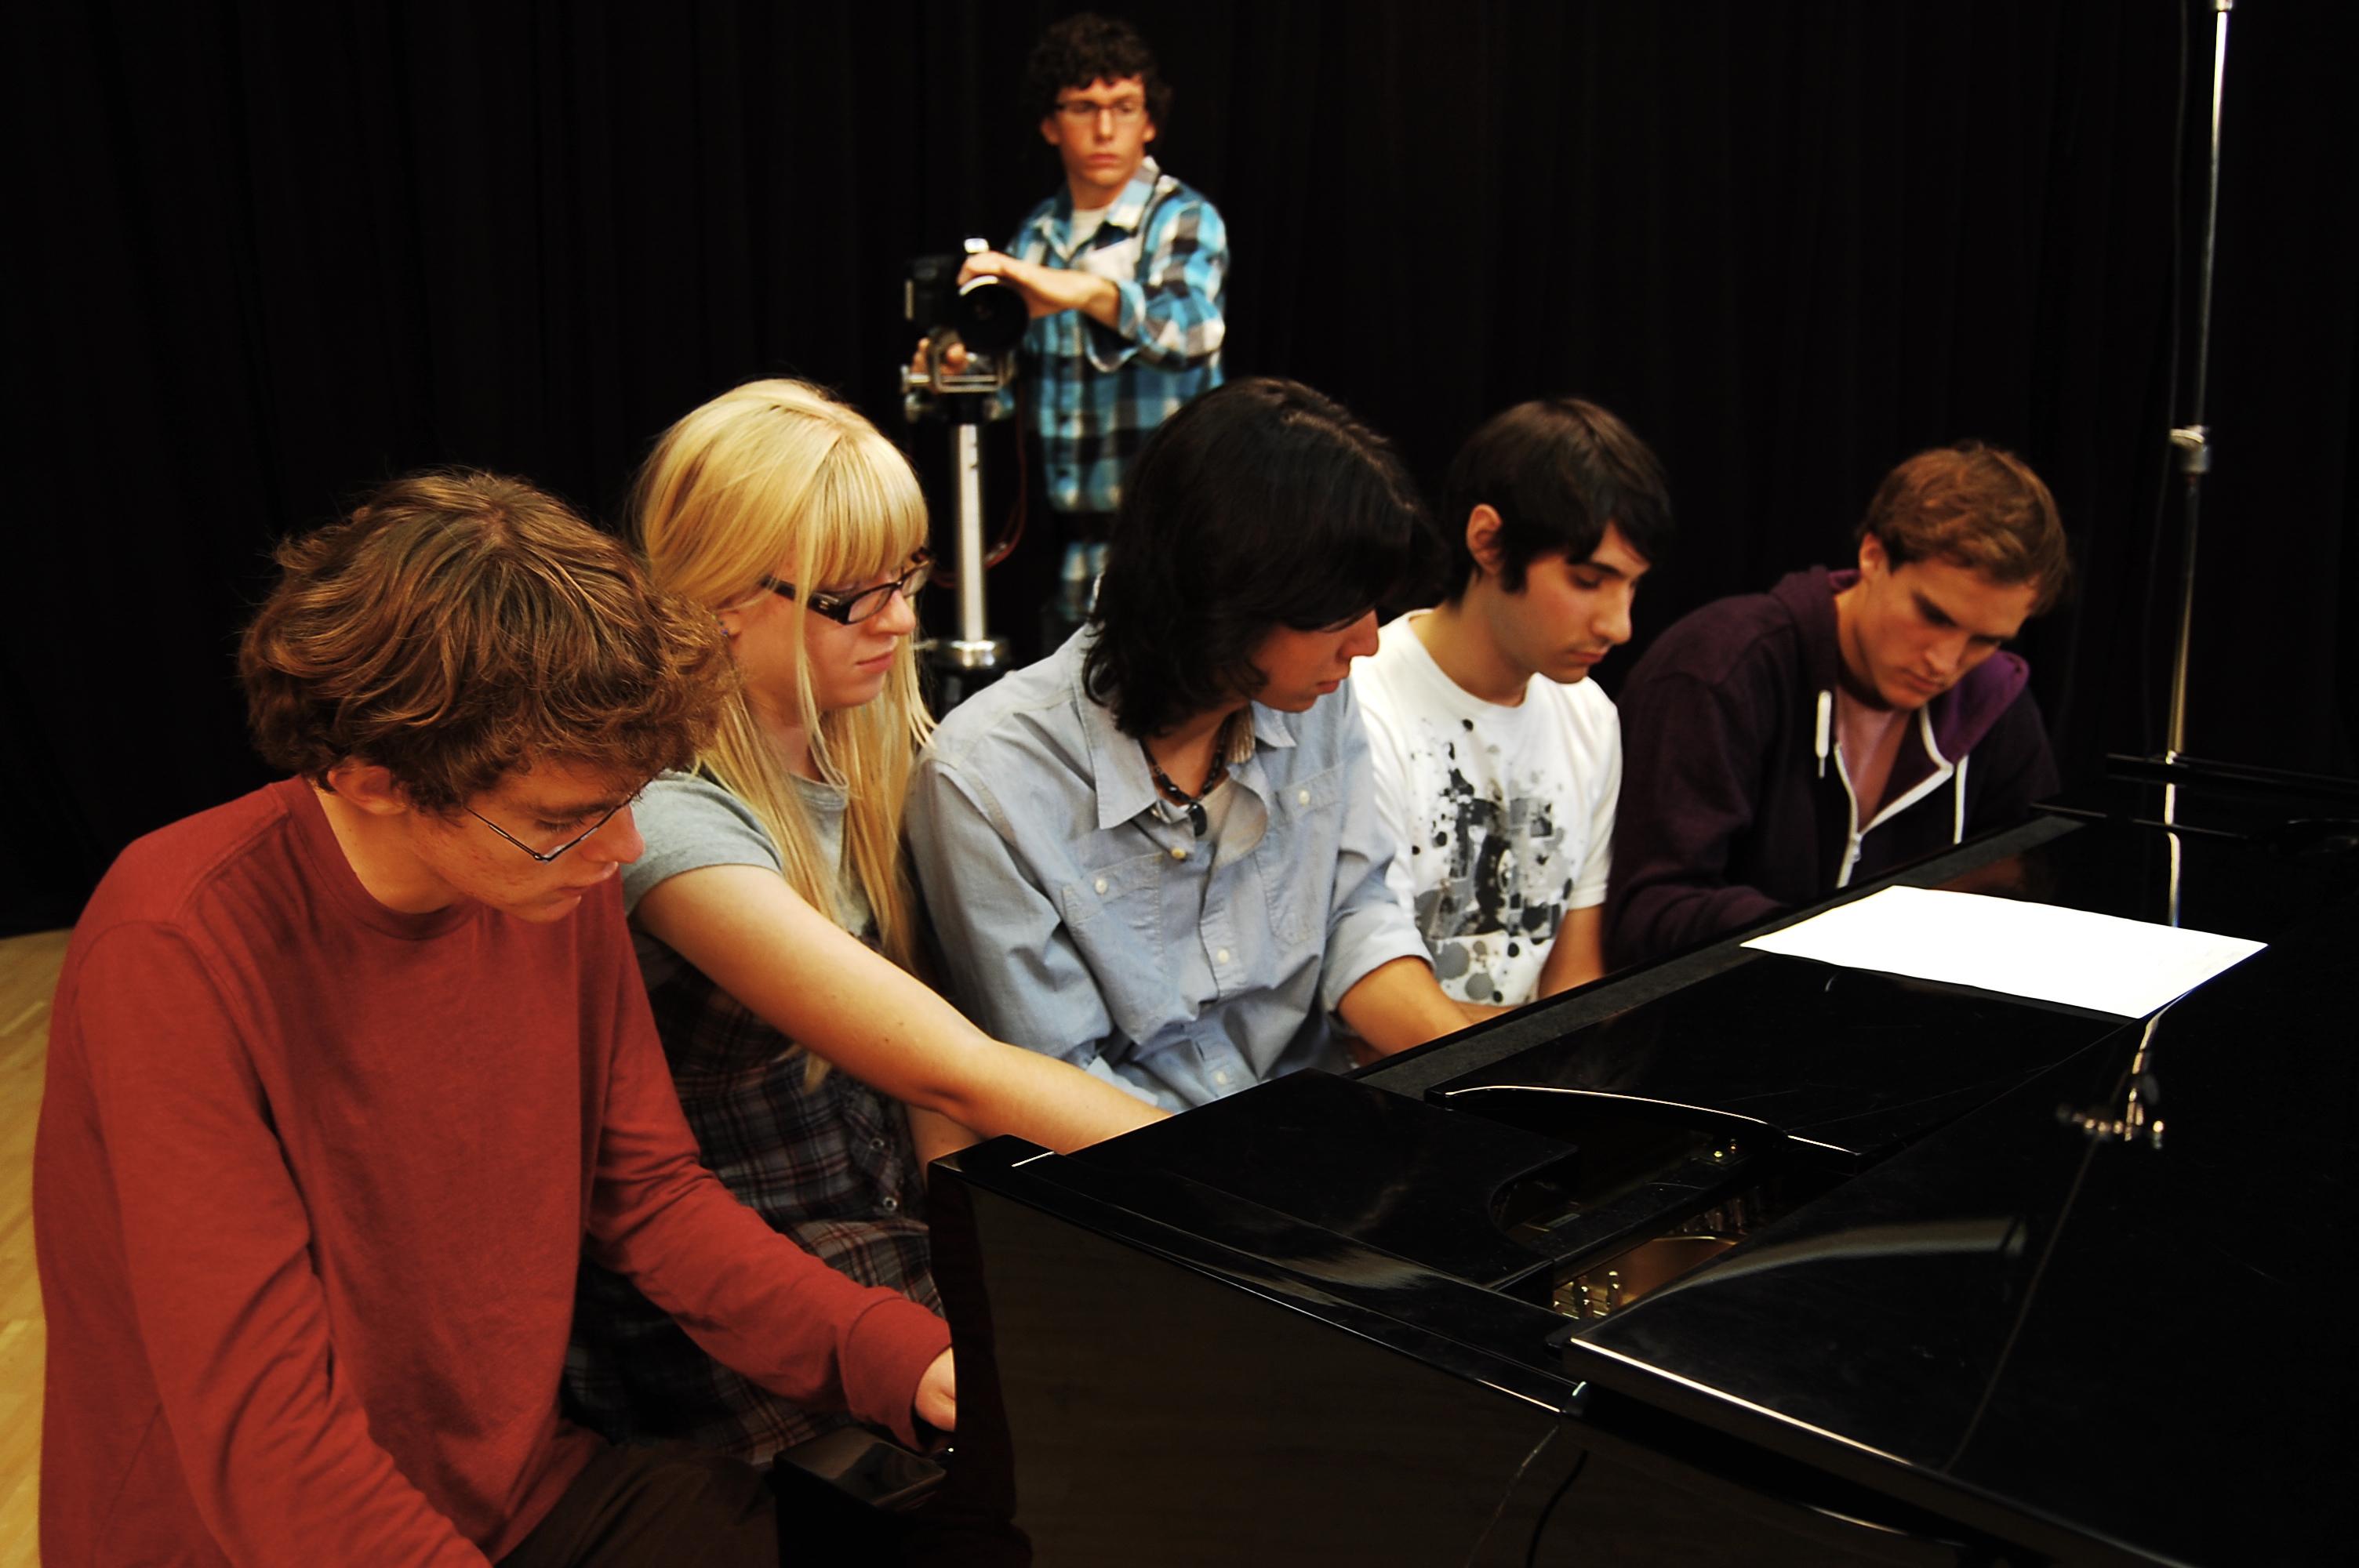 Koki Tanaka, <i>Um piano tocado por 5 pianistas juntos</i> (Primeira tentativa), 2012. Colaboração, documentação em vídeo. Still do vídeo. Cortesia da artista, Vitamin Creative Space, Guangzhou e Aoyama Meguro, Tokyo